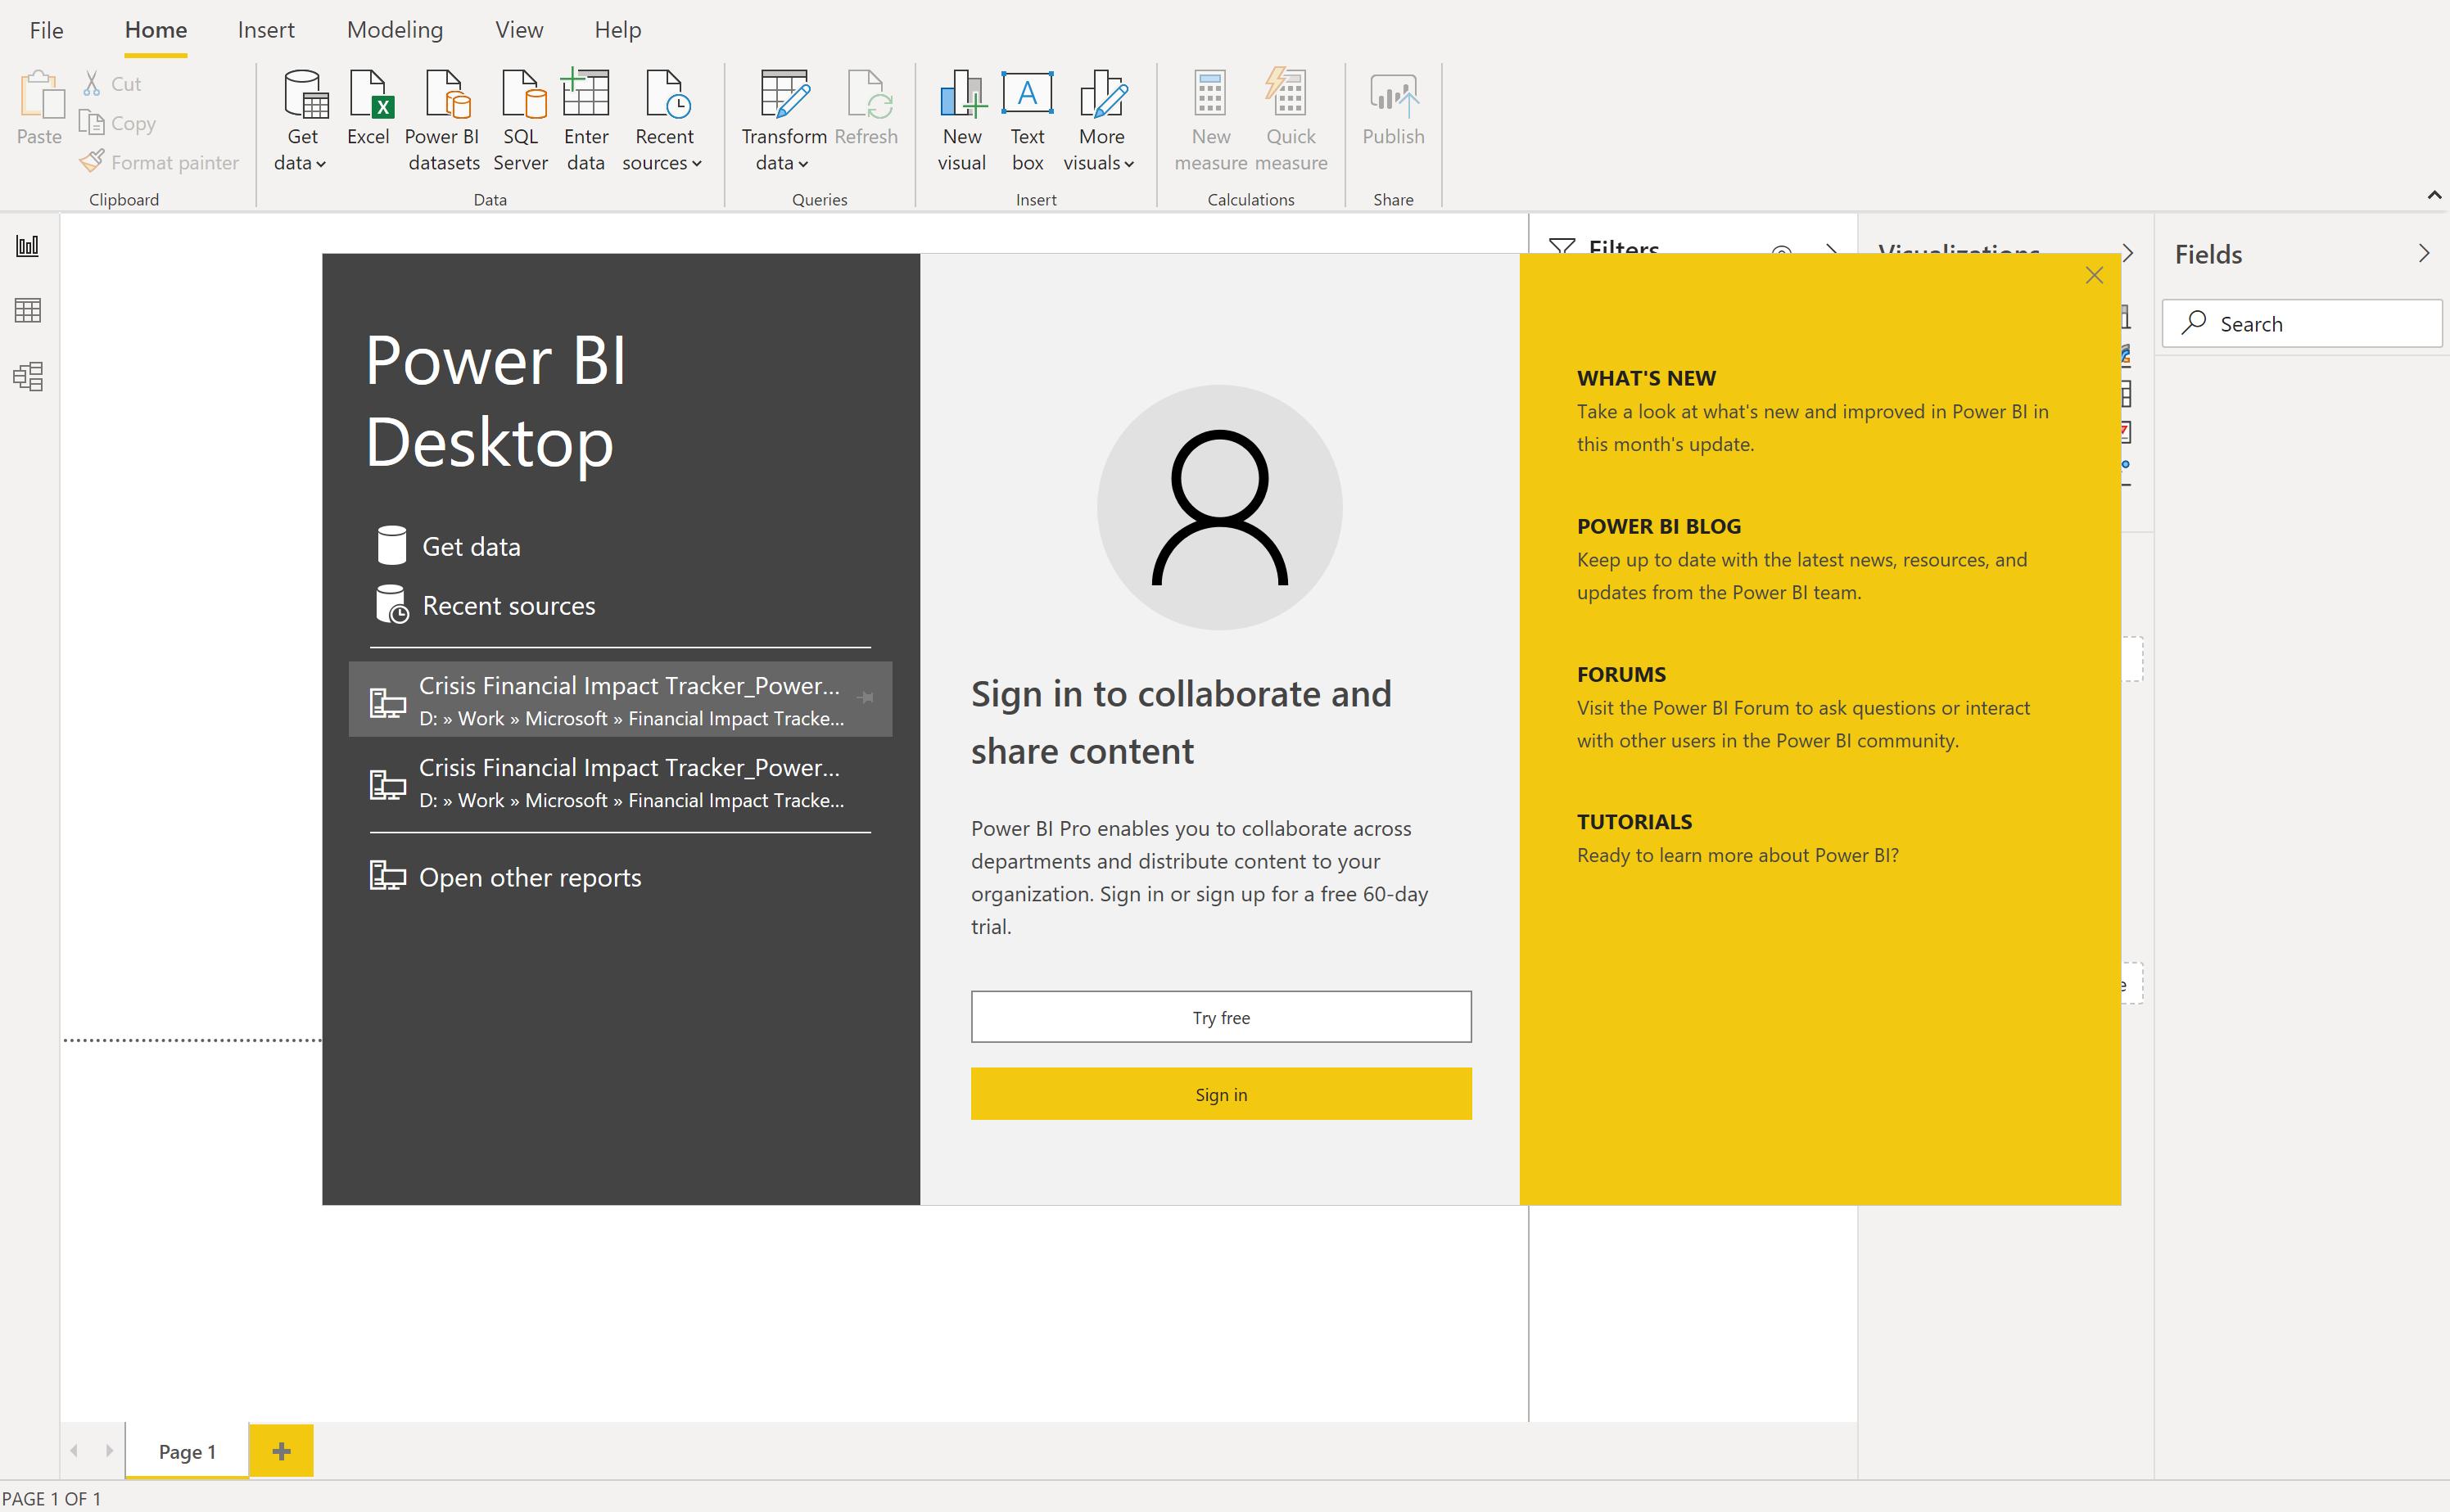 Руководство. создание собственных мер в power bi desktop - power bi | microsoft docs